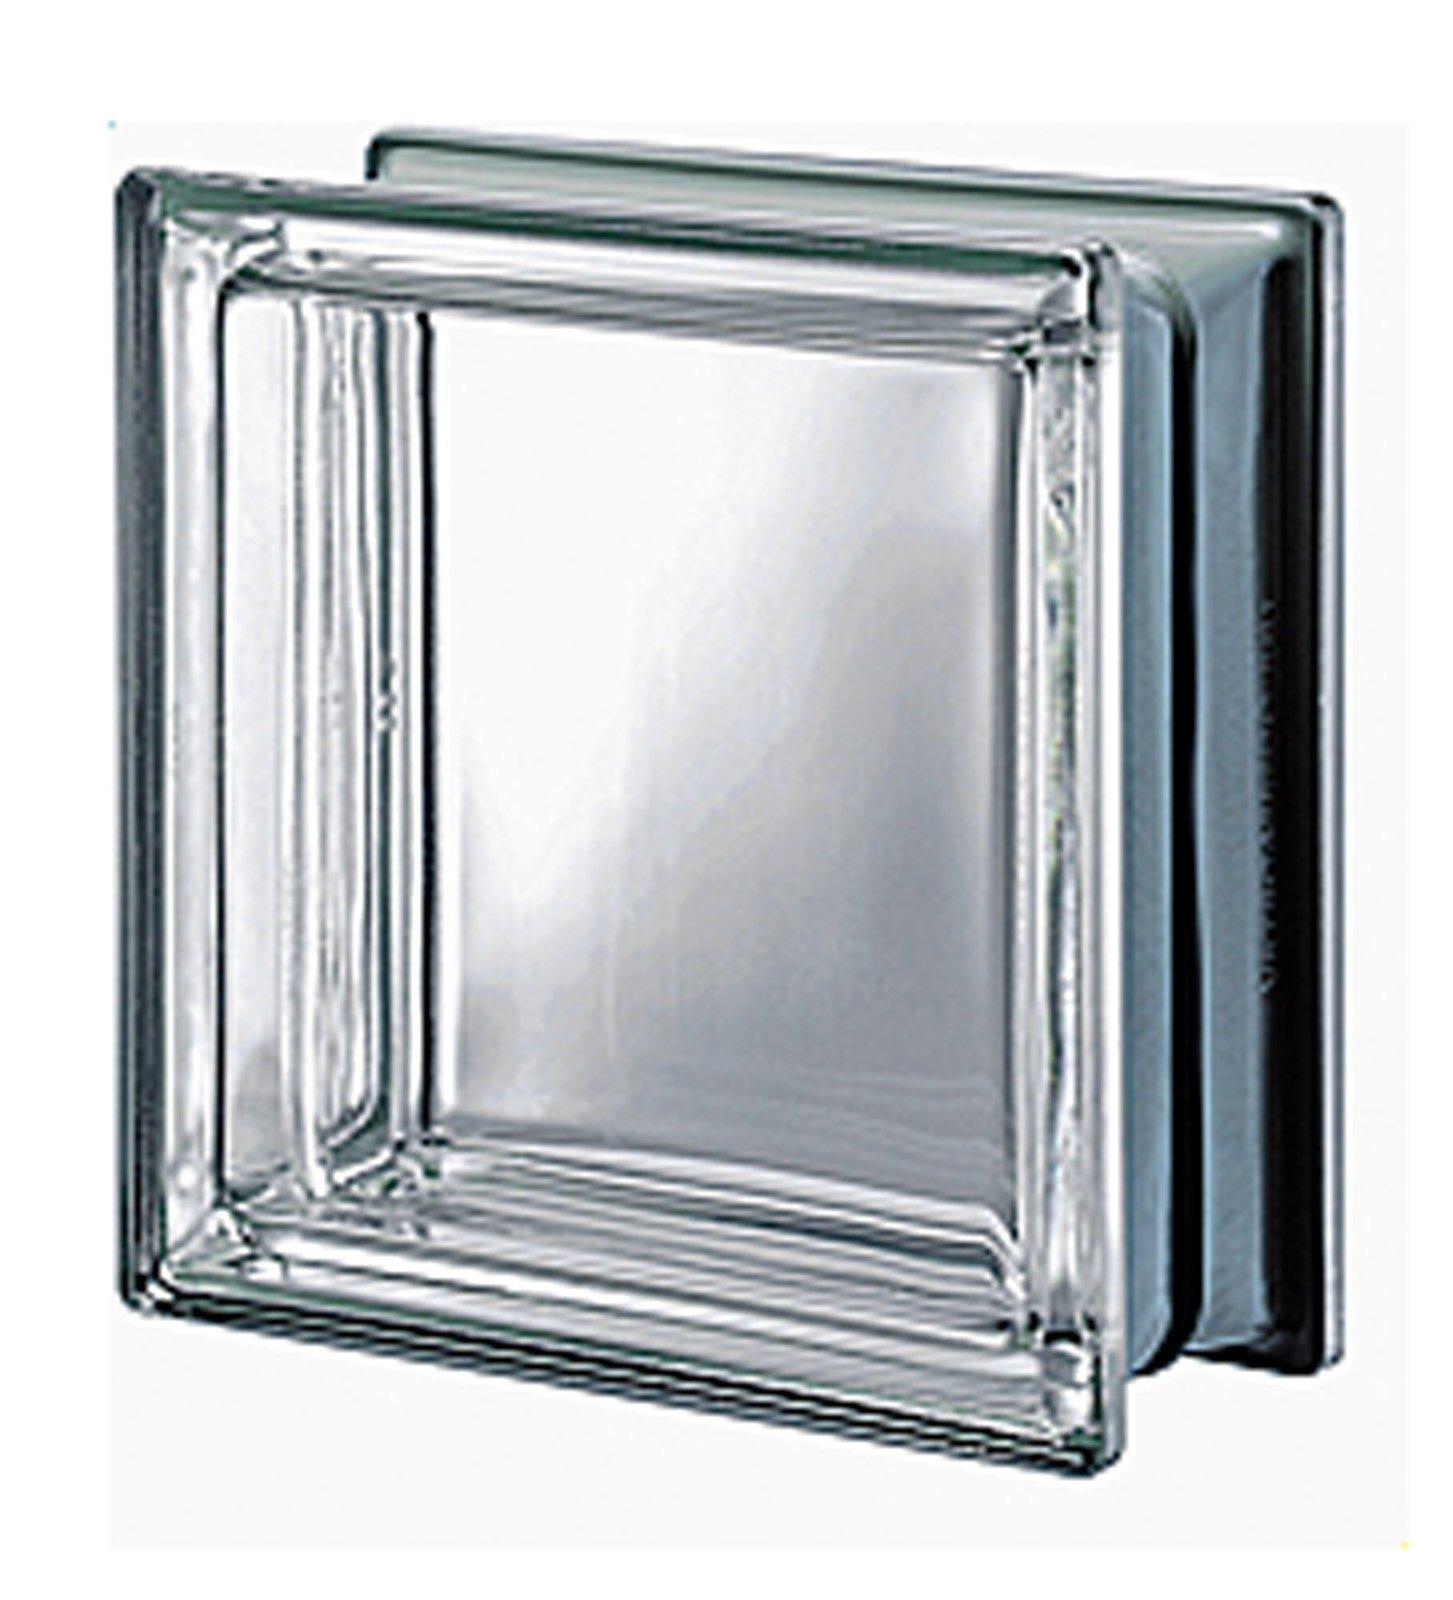 elemento in vetro neutro della serie Pegasus – Neutro Q19 T Met ...